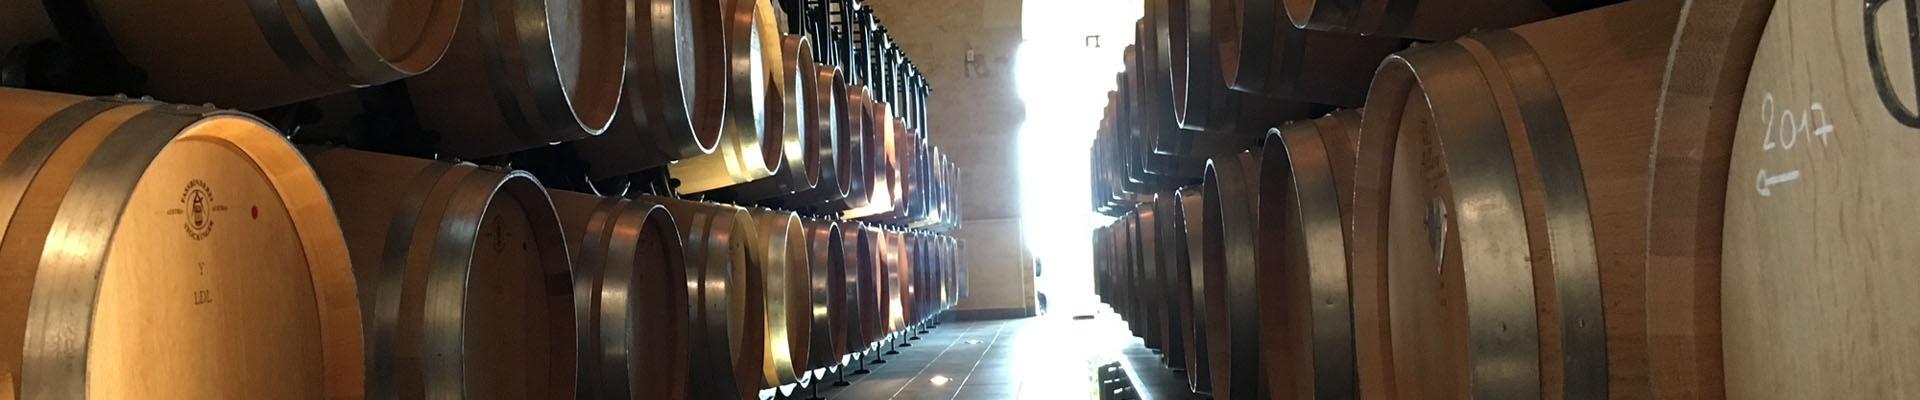 Besök på härliga vingårdar